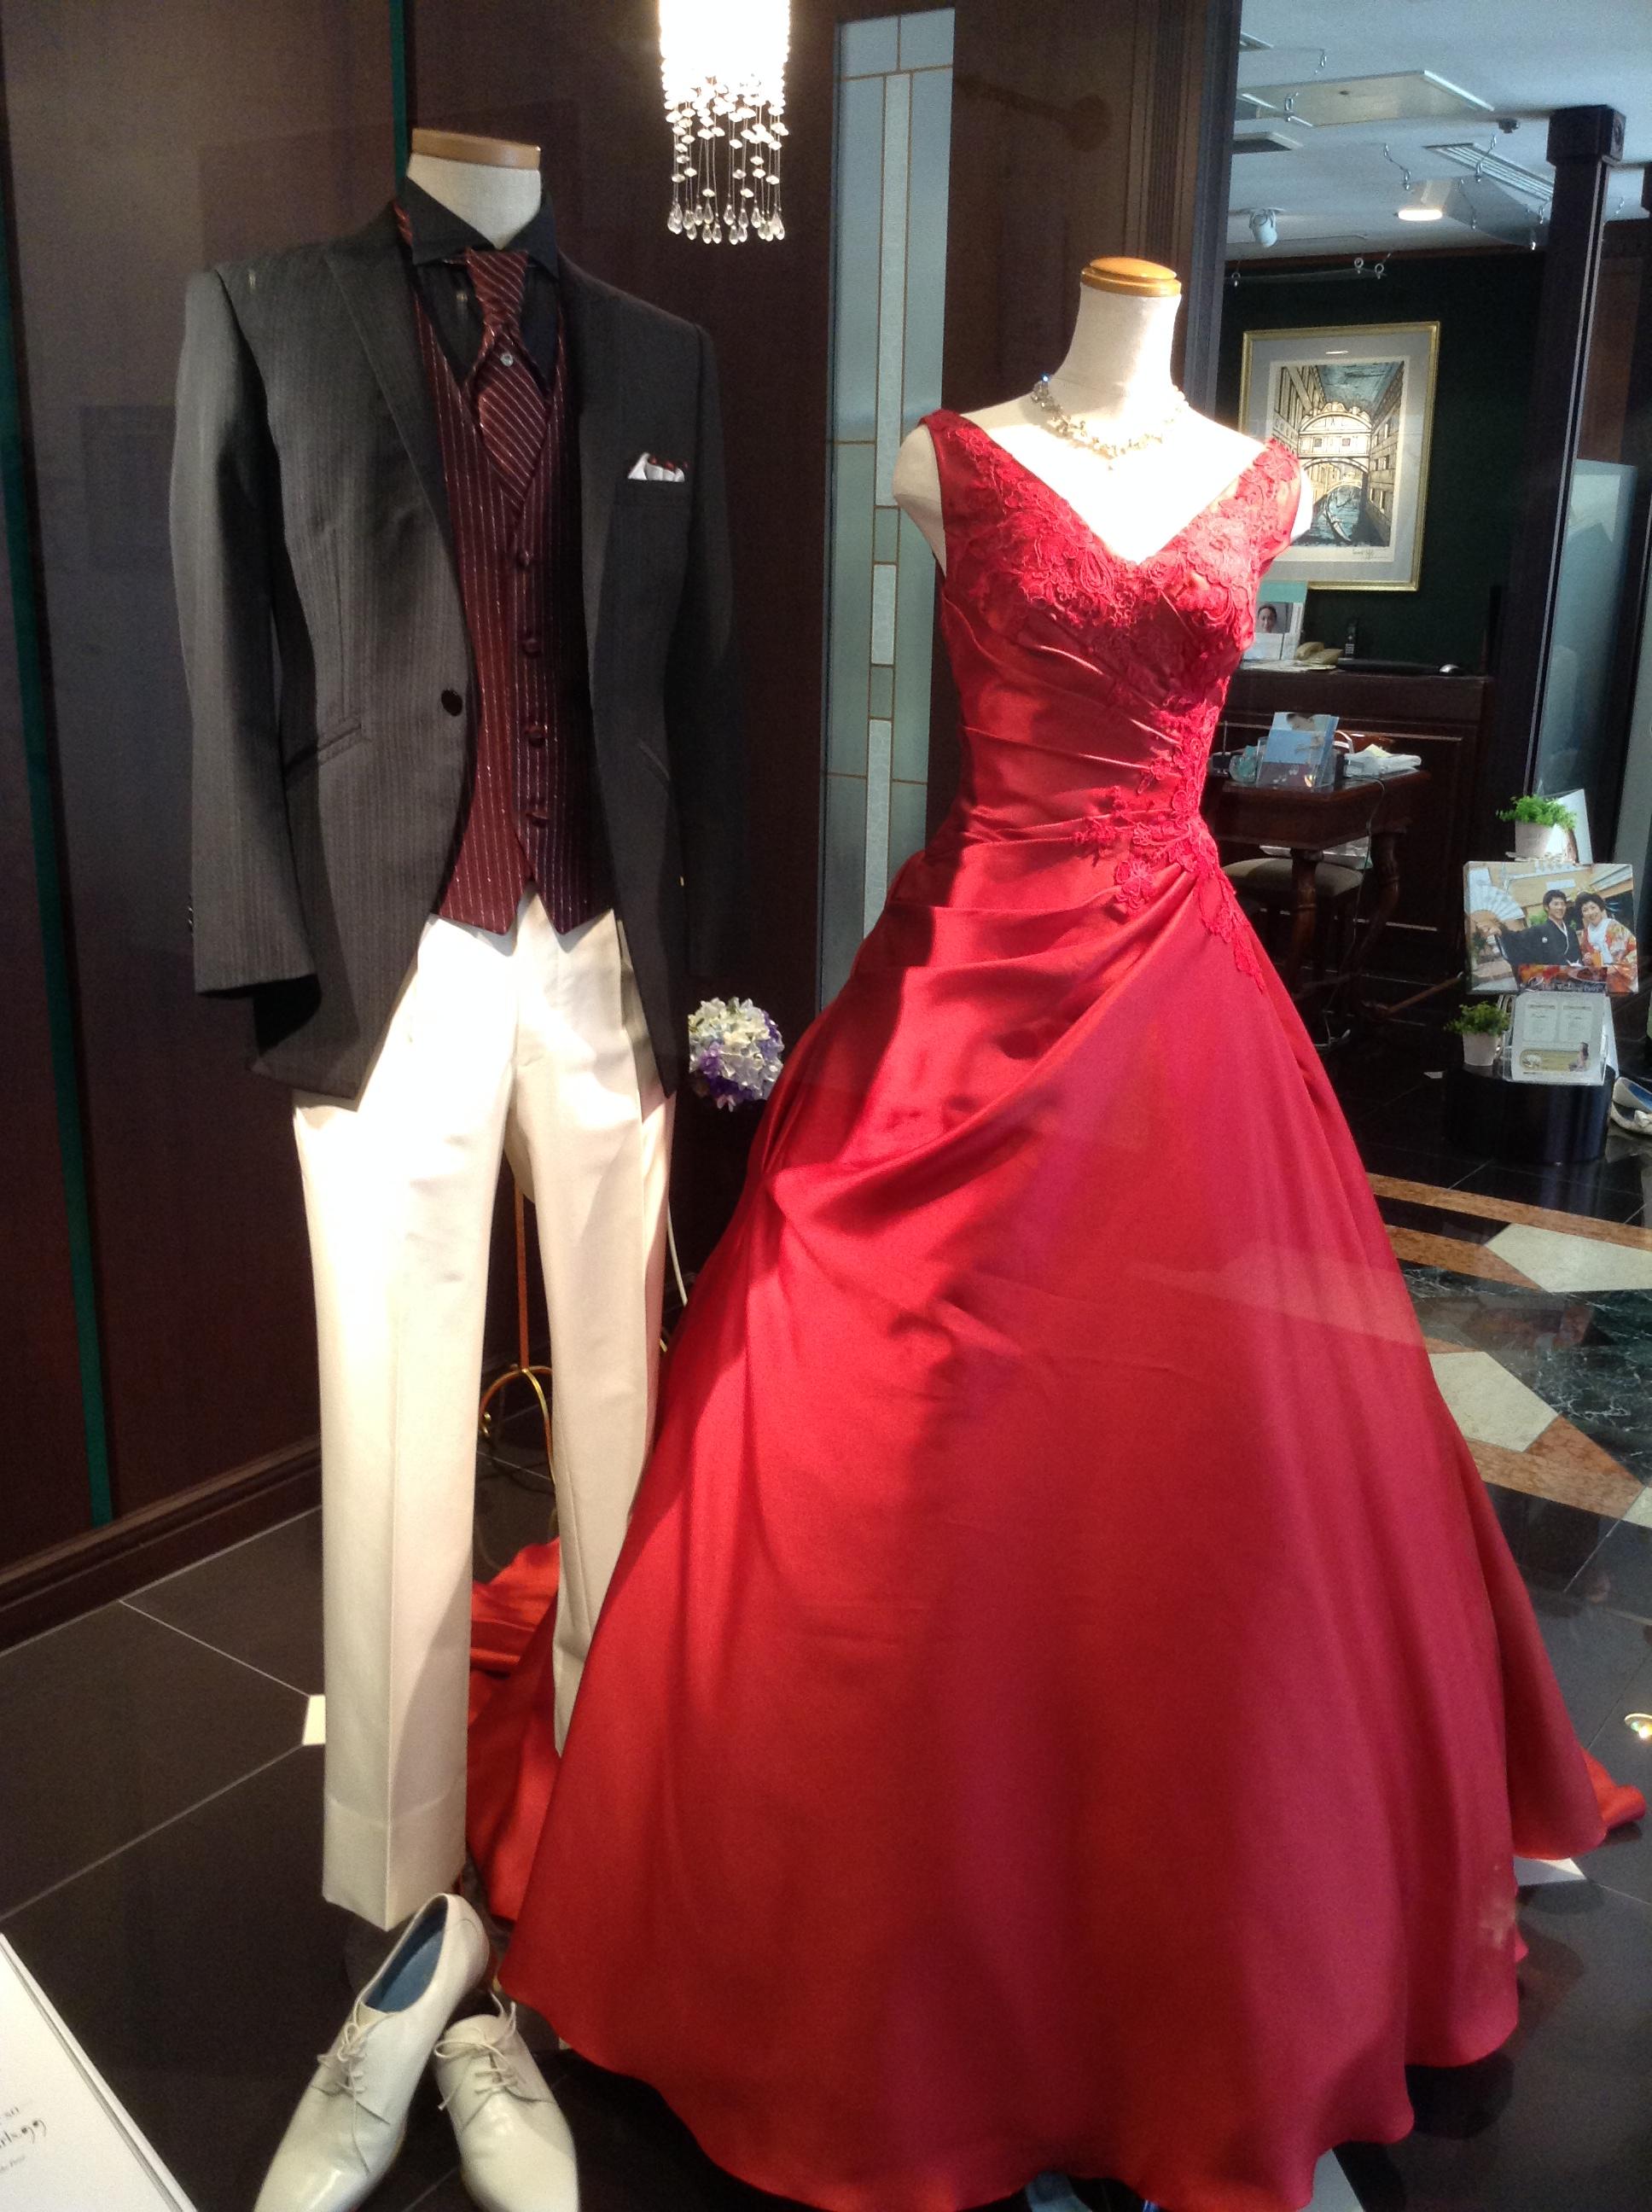 460a51d6a5637 ウェディングドレス、和装着物の貸衣裳ならマ・シェリ